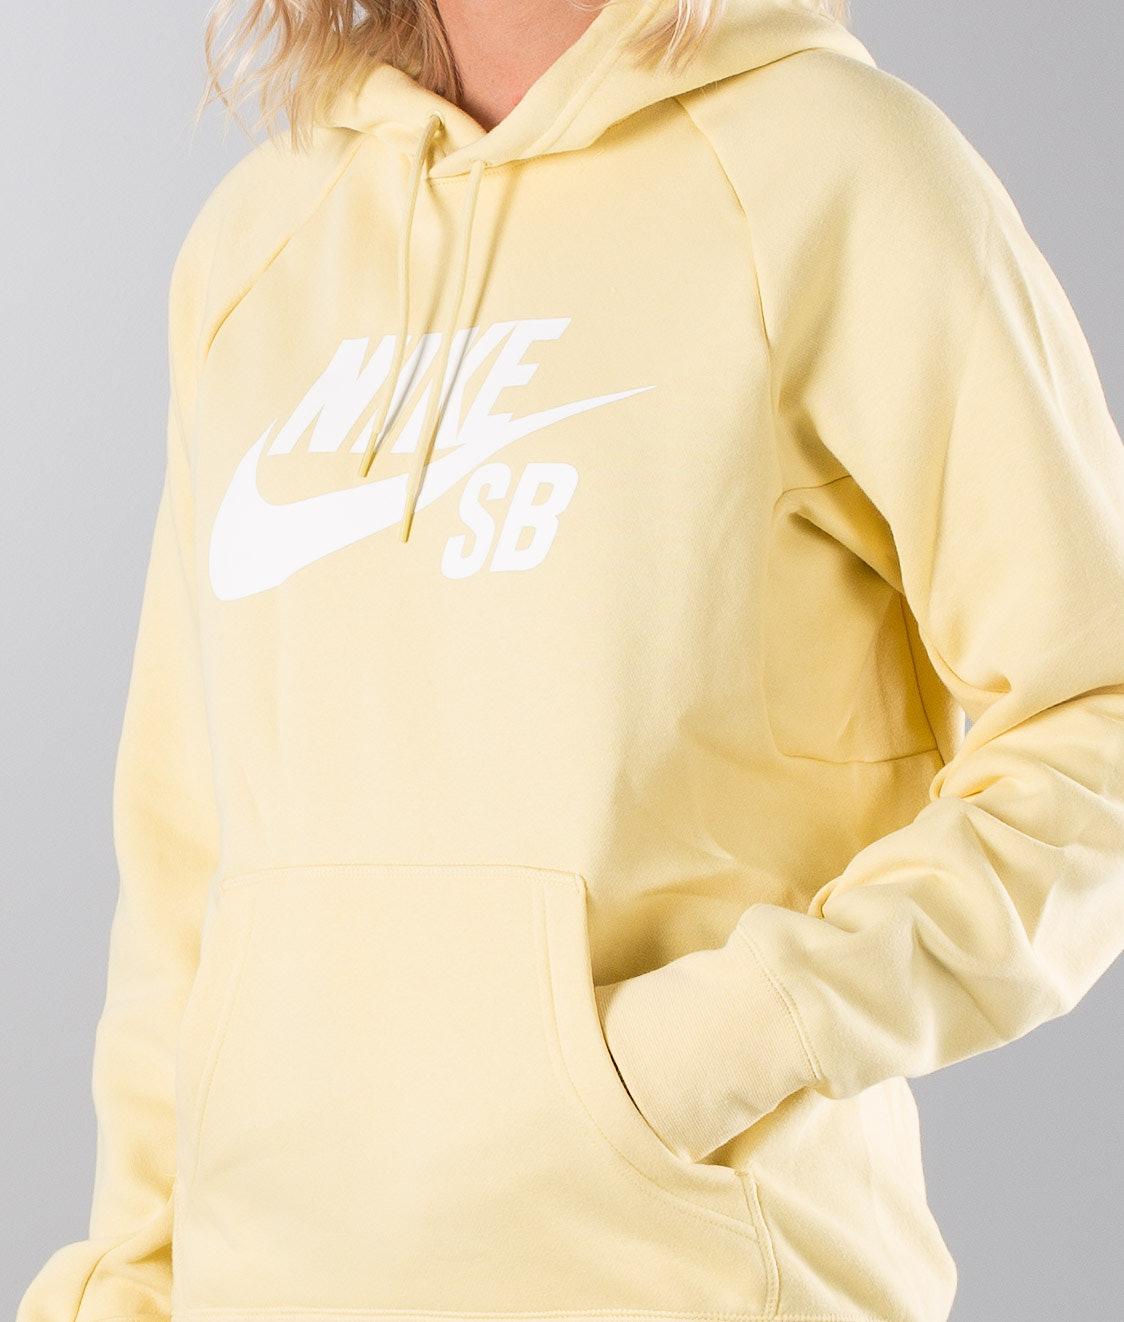 Nike Sb Icon Unisex Hood Lemon Wash White - Ridestore.com 7ab7ad1879